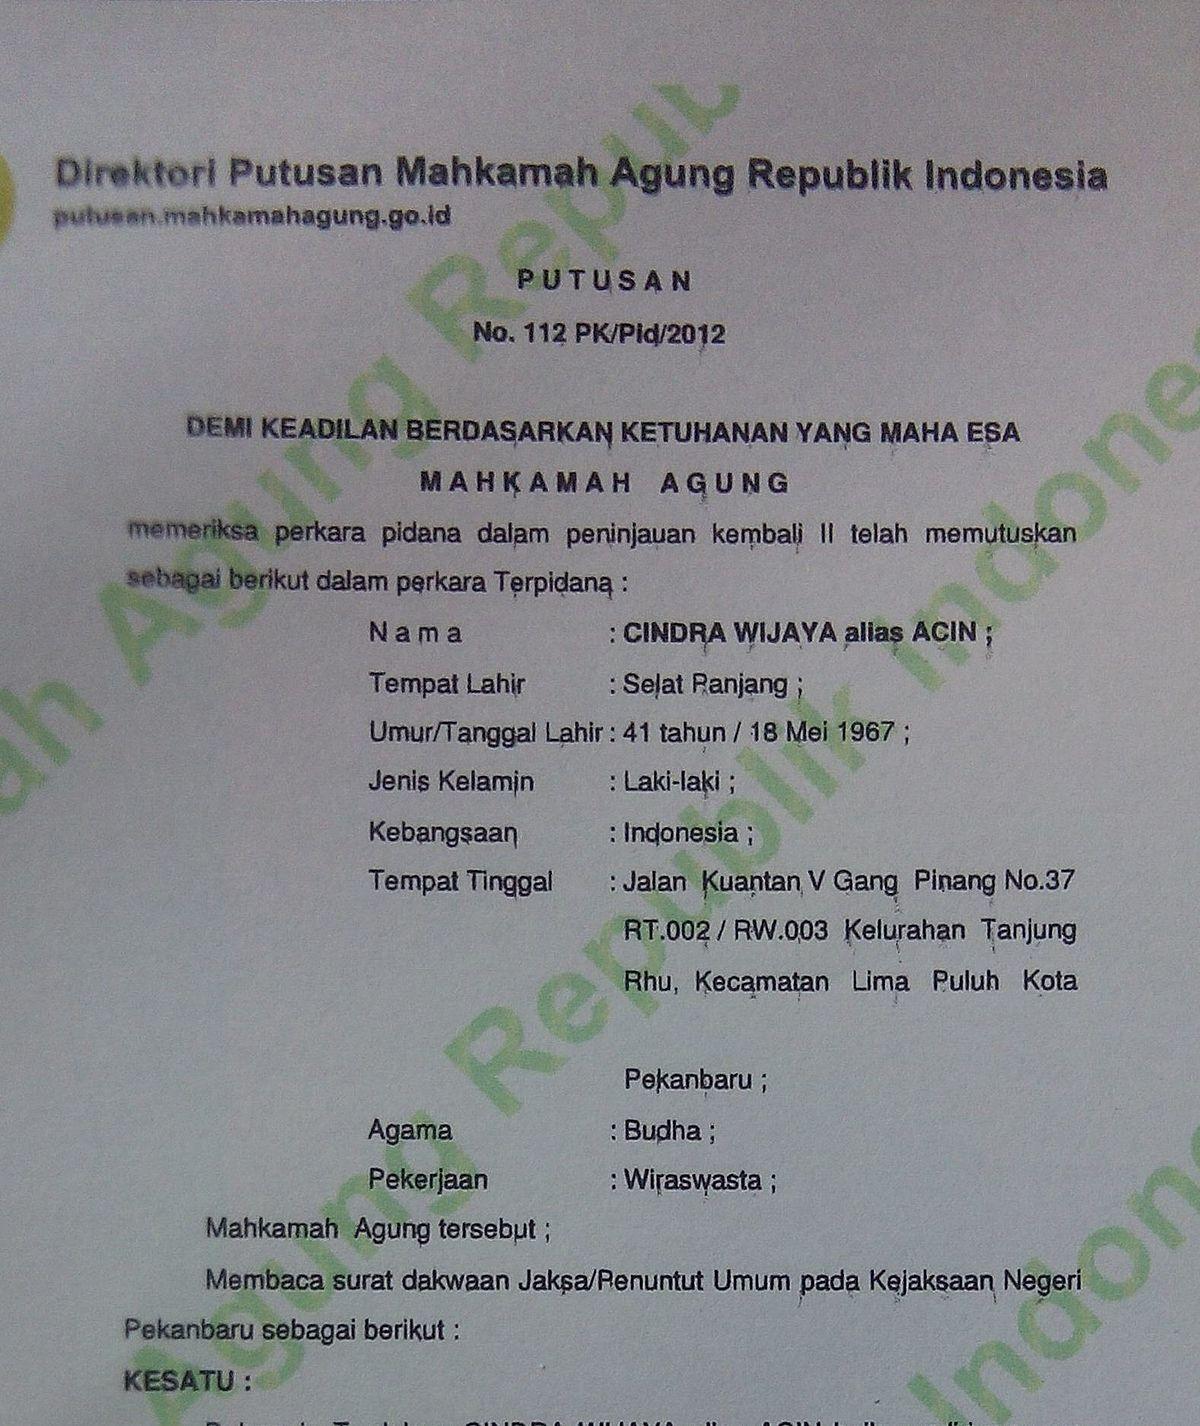 Peninjauan kembali - Wikipedia bahasa Indonesia